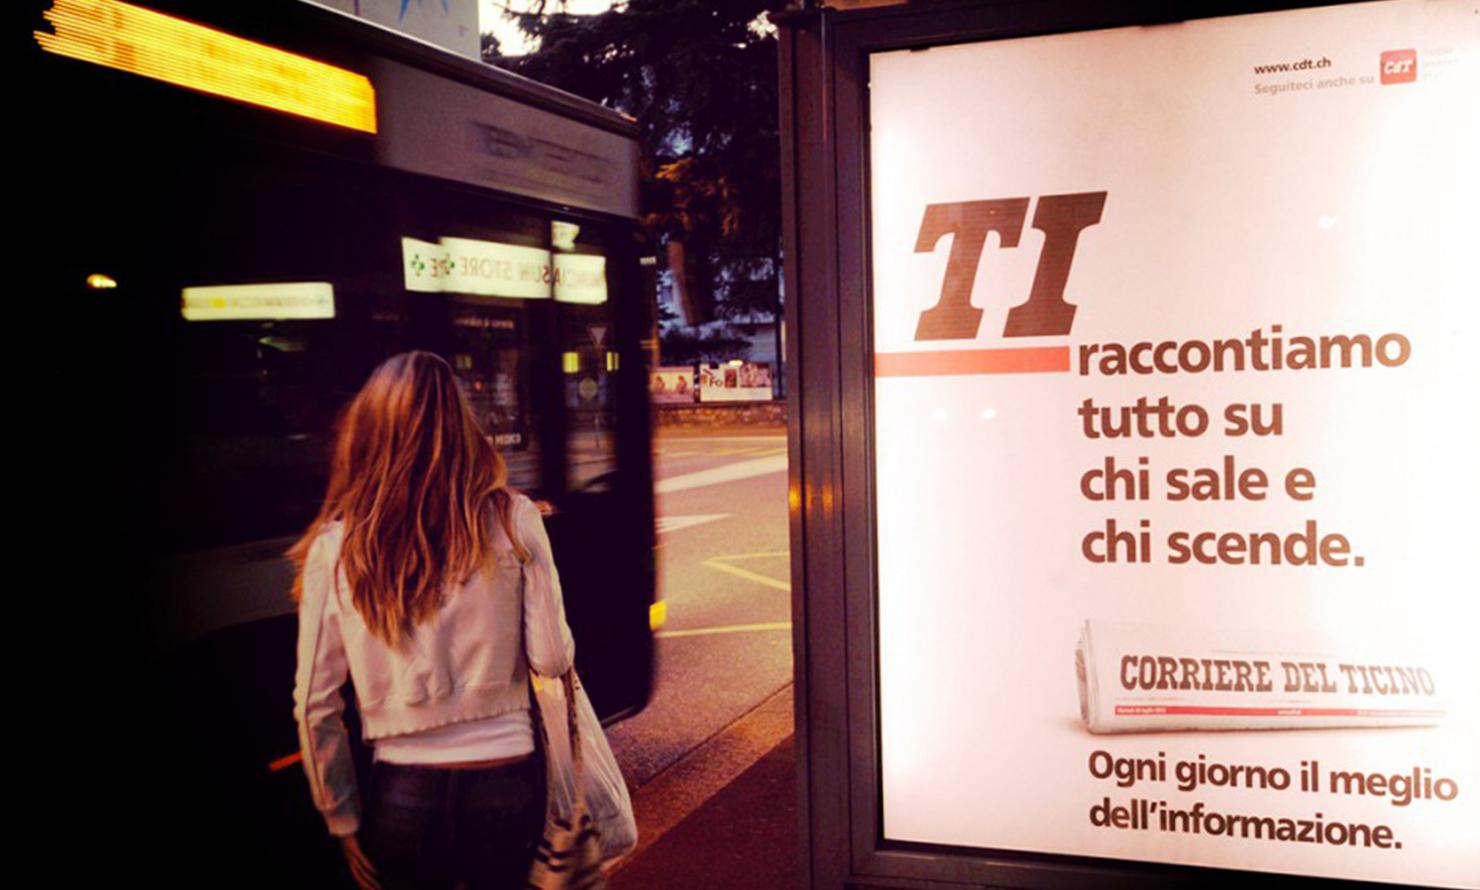 https://www.kubelibre.com/uploads/Slider-work-tutti-clienti/corriere-del-ticino-portiamo-dentro-la-notizia-6.jpg